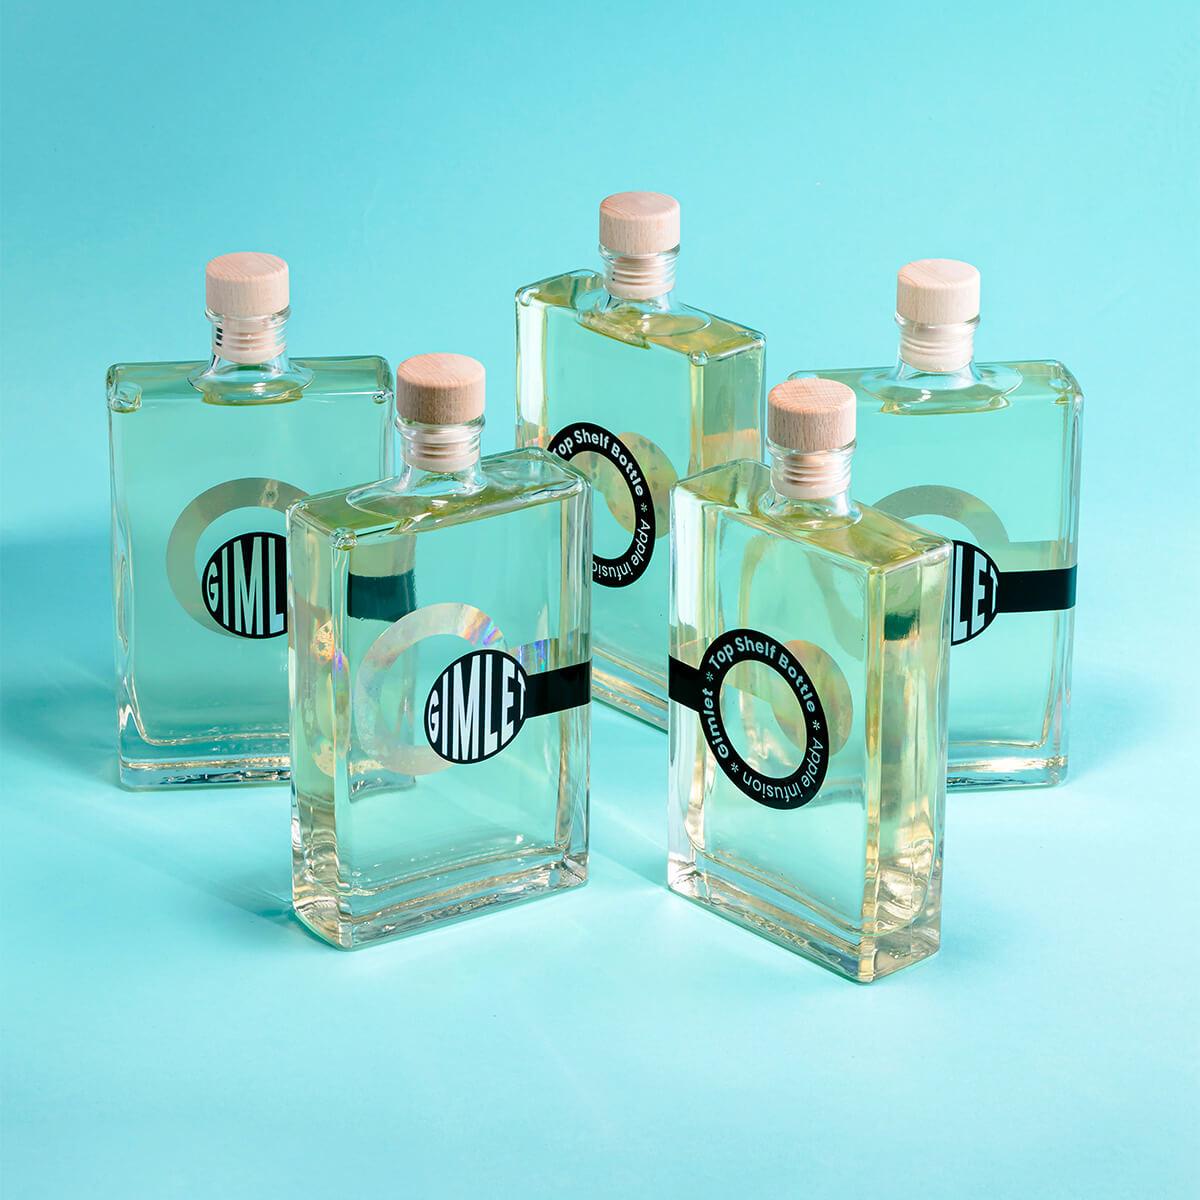 Fotografie koktejlů v lahvích